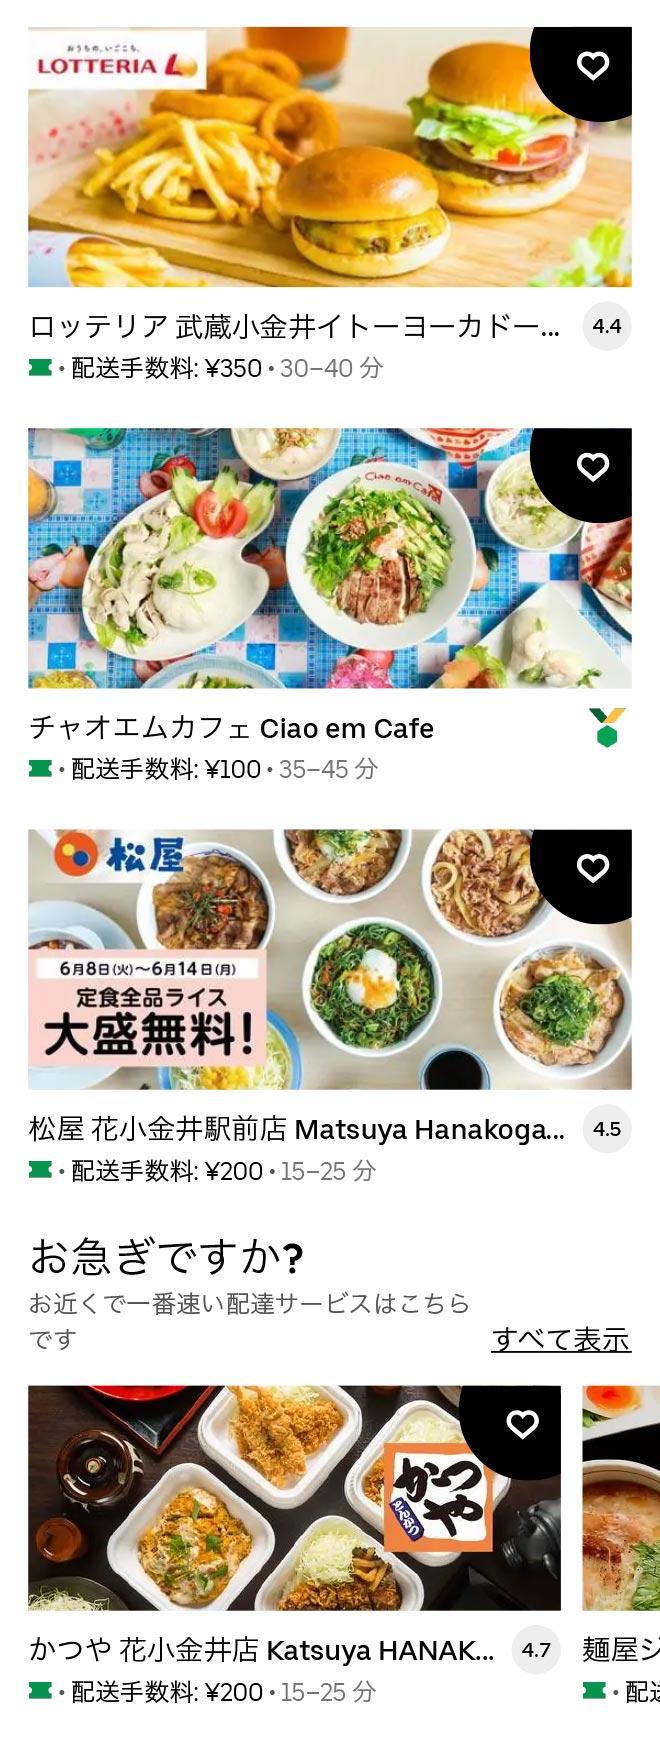 U hanakoganei 2106 03